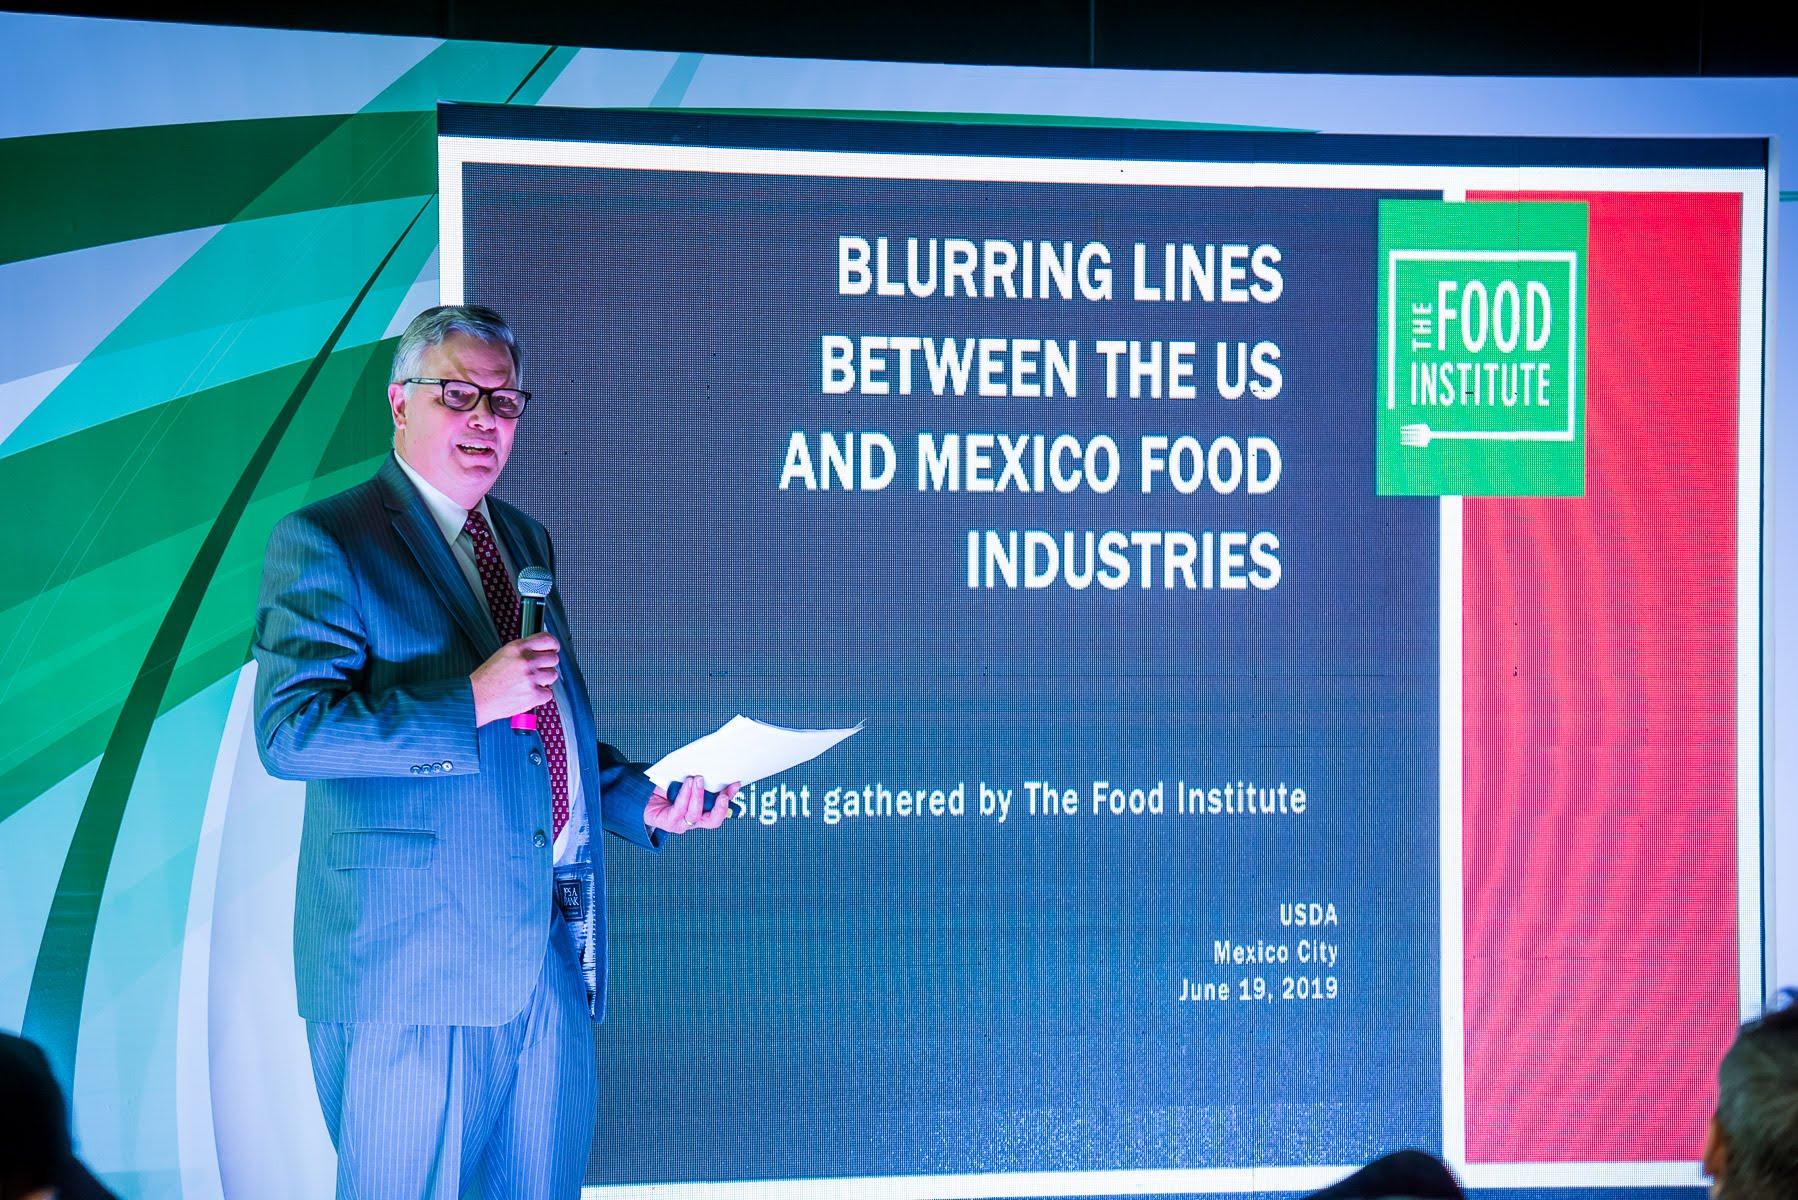 Food Trends Seminar 2019